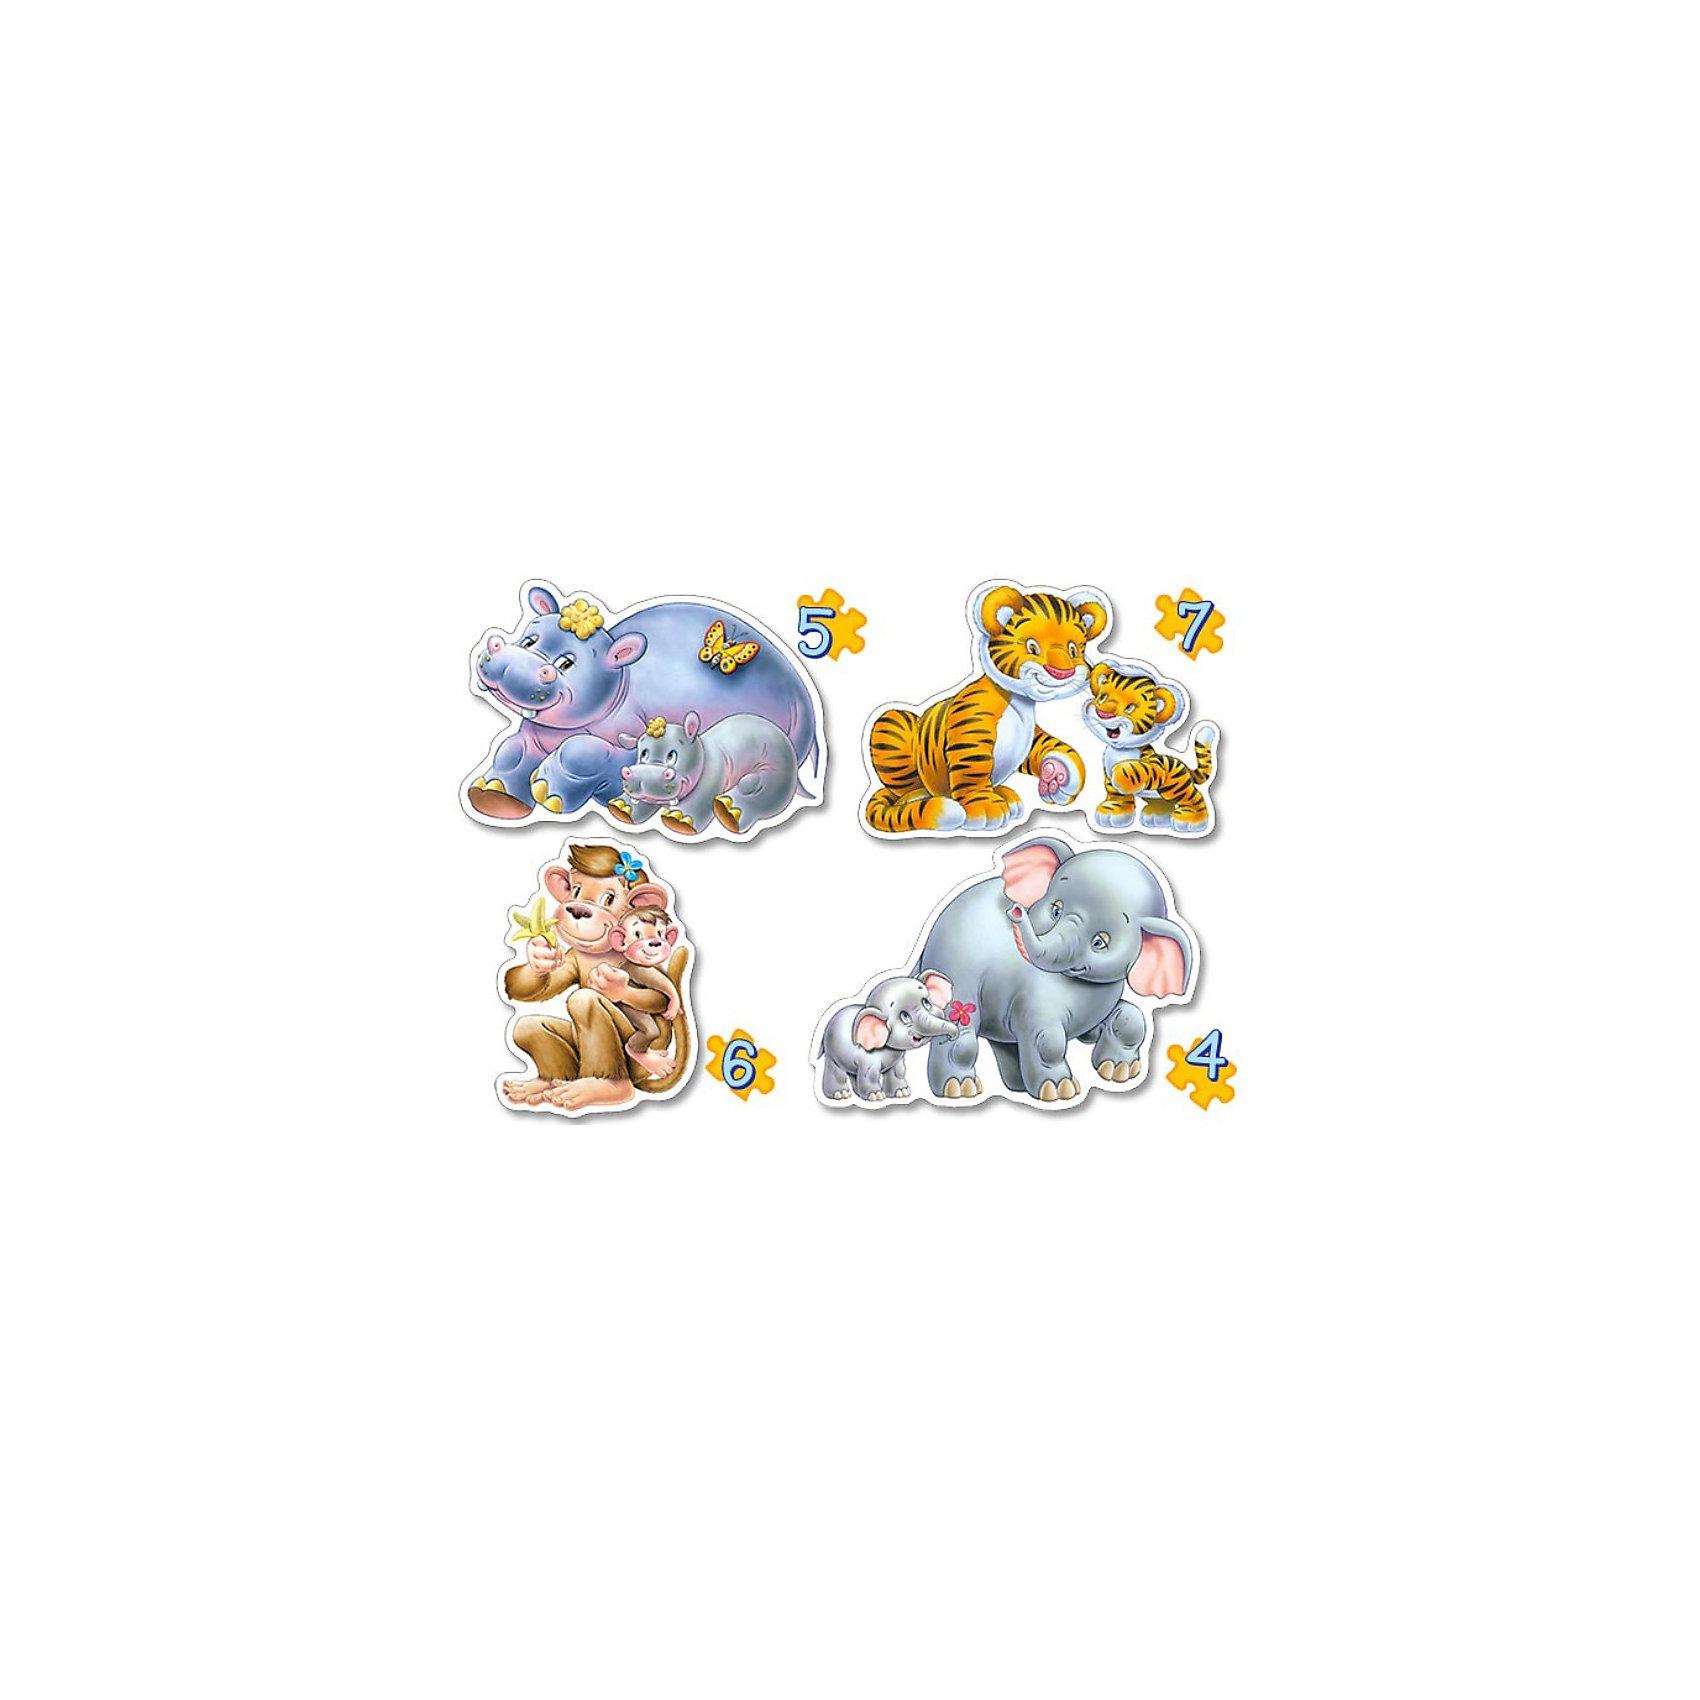 Контурные пазлы Дикие животные, 4*5*6*7 деталей, CastorlandПазлы для малышей<br>Контурные пазлы Дикие животные, 4*5*6*7 деталей, Castorland (Касторленд).<br><br>В наборе 4 картинки, выполненных в  виде диких зверей с детенышами. Каждая картинка состоит из разного количества деталей:<br>- Слоны: 4 детали<br>- Бегемотики: 5 деталей<br>- Обезьянки: 6 деталей<br>- Тигры: 7 деталей<br><br>Пазлы выполнены из плотного картона, детали красочные и крупные, легко собираются.<br><br>Дополнительная информация:<br><br>- Количество деталей: 4, 5, 6, 7<br>- Материал: плотный картон<br>- Размер собранной картинки:  230 х165 мм<br>- Размер коробки: 273 х 186 х 40 мм<br>- Вес: 400 г.<br><br>Контурные пазлы Дикие животные, 4*5*6*7 деталей, Castorland (Касторленд) можно купить в нашем интернет-магазине.<br><br>Ширина мм: 273<br>Глубина мм: 186<br>Высота мм: 40<br>Вес г: 400<br>Возраст от месяцев: 12<br>Возраст до месяцев: 60<br>Пол: Унисекс<br>Возраст: Детский<br>Количество деталей: 4<br>SKU: 2328227